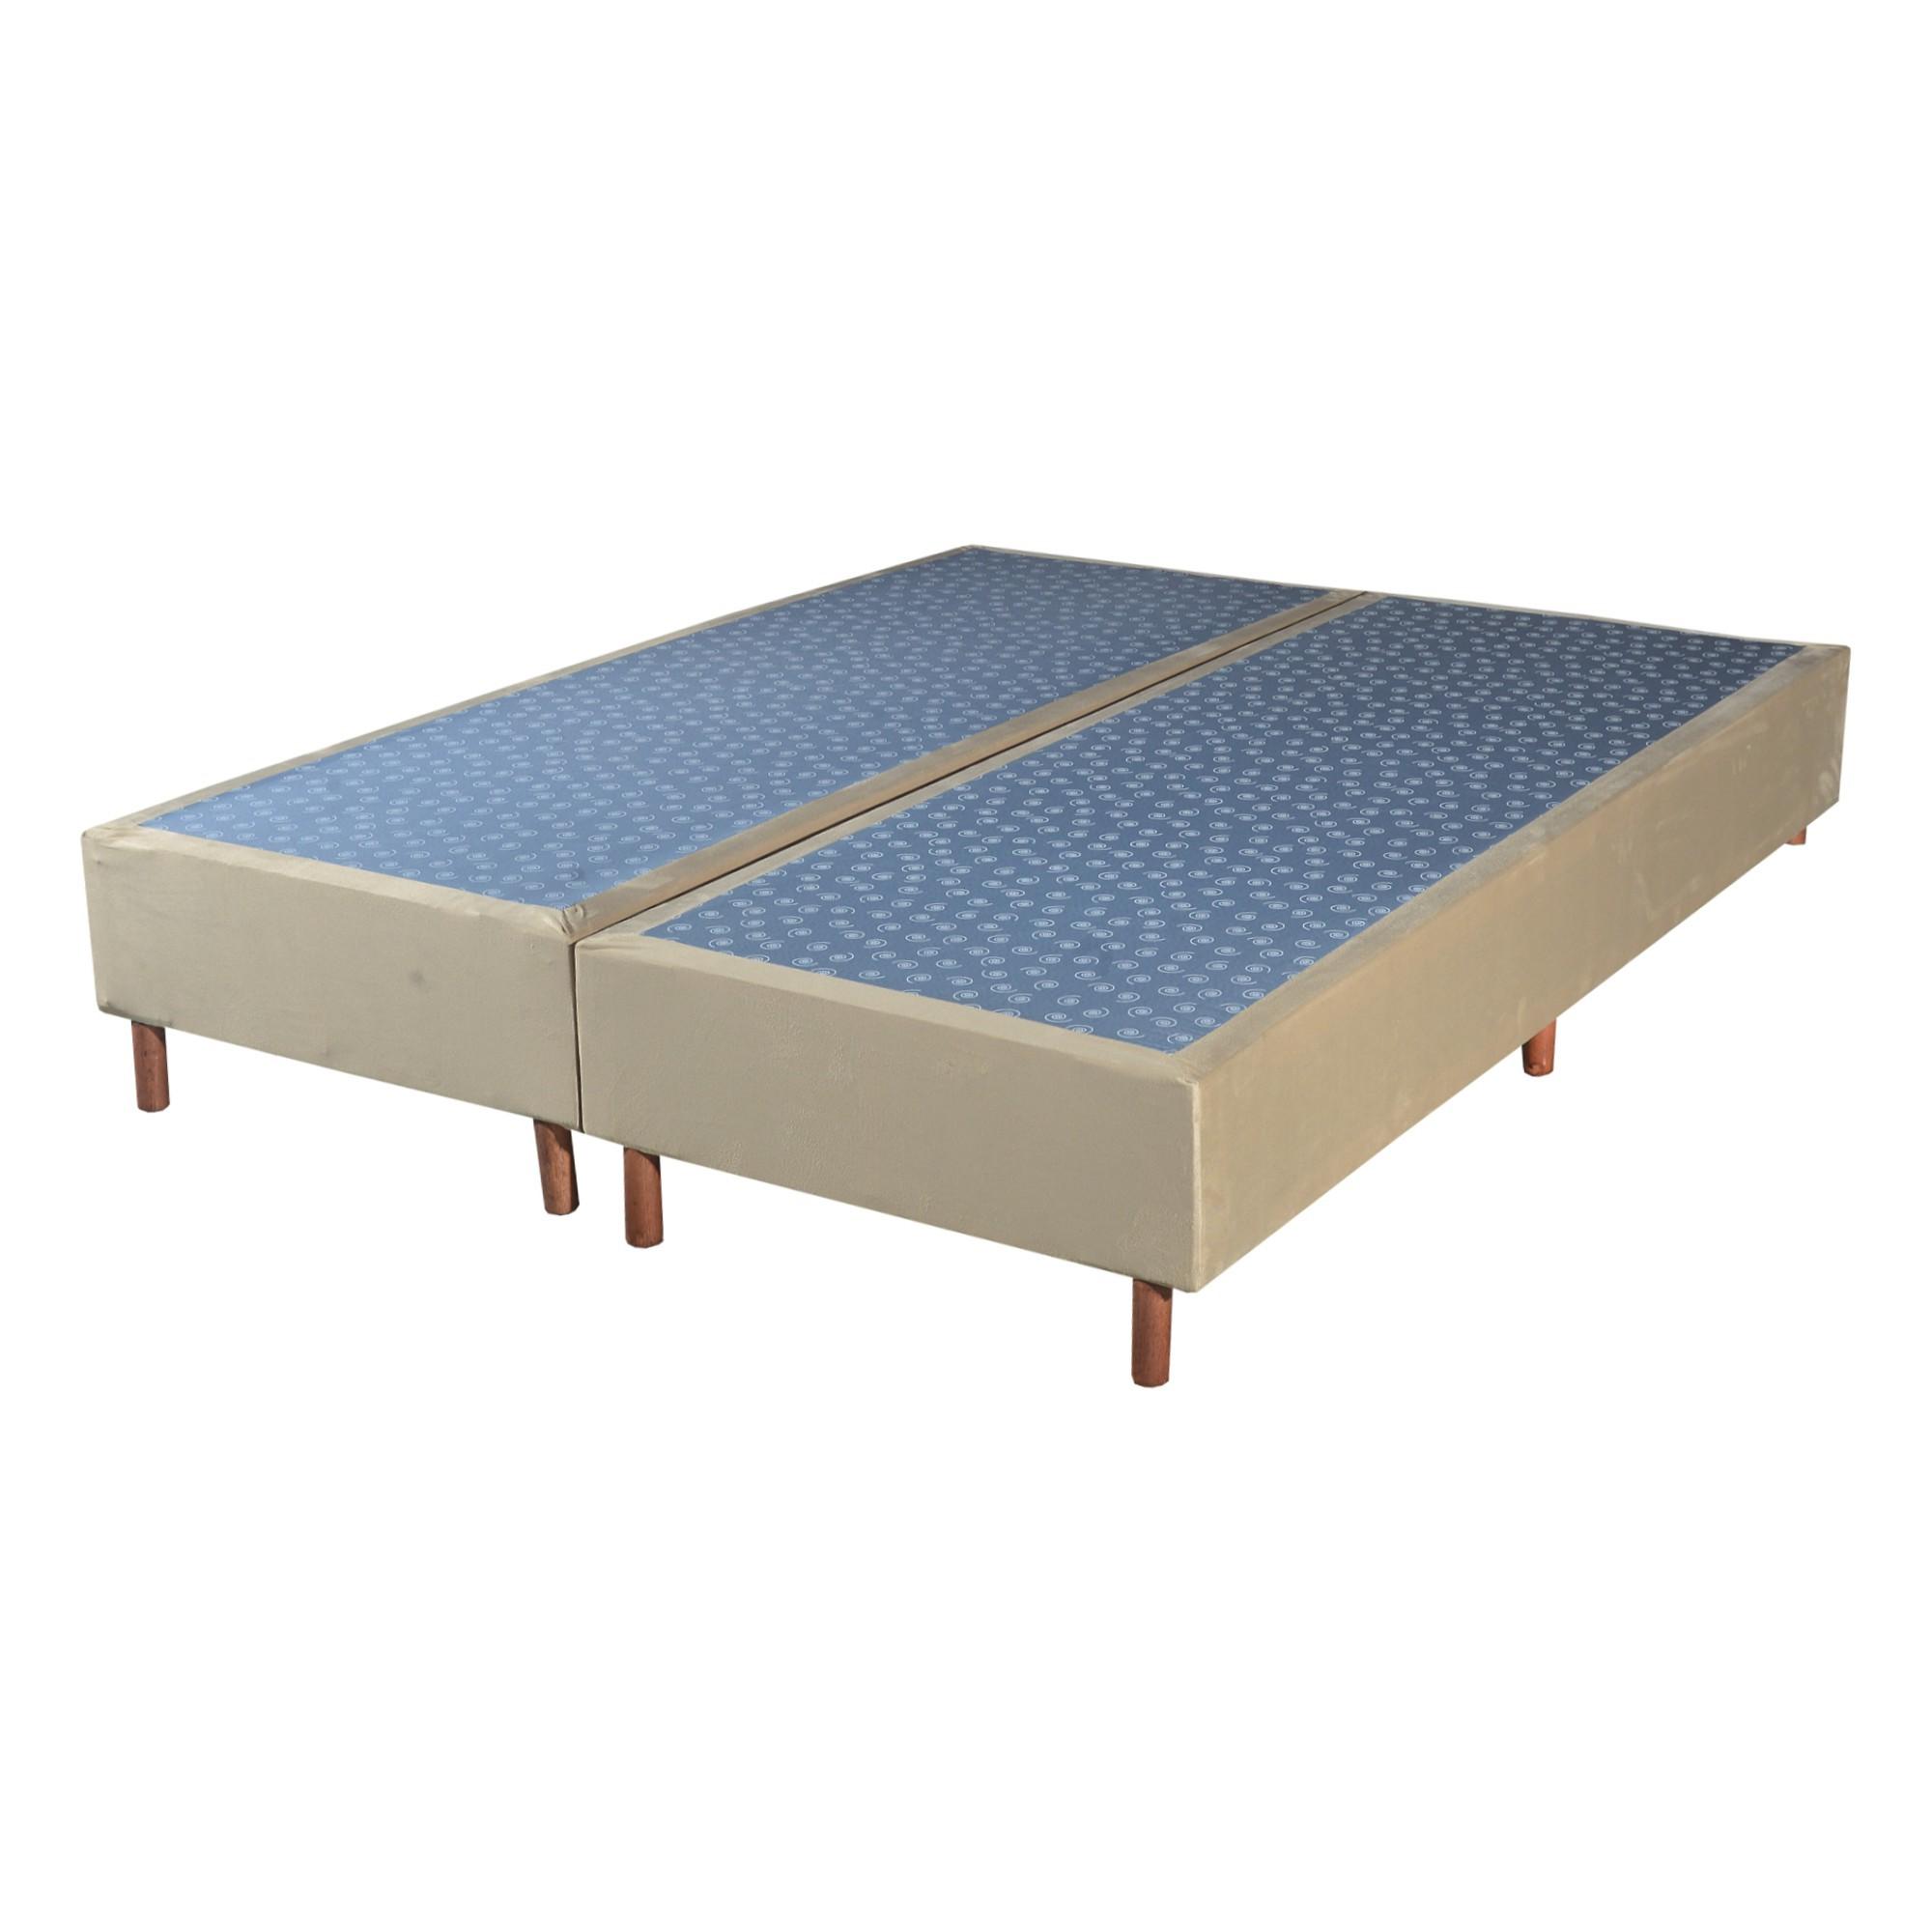 Cama Box Base King Veludo Bege 193x203x30